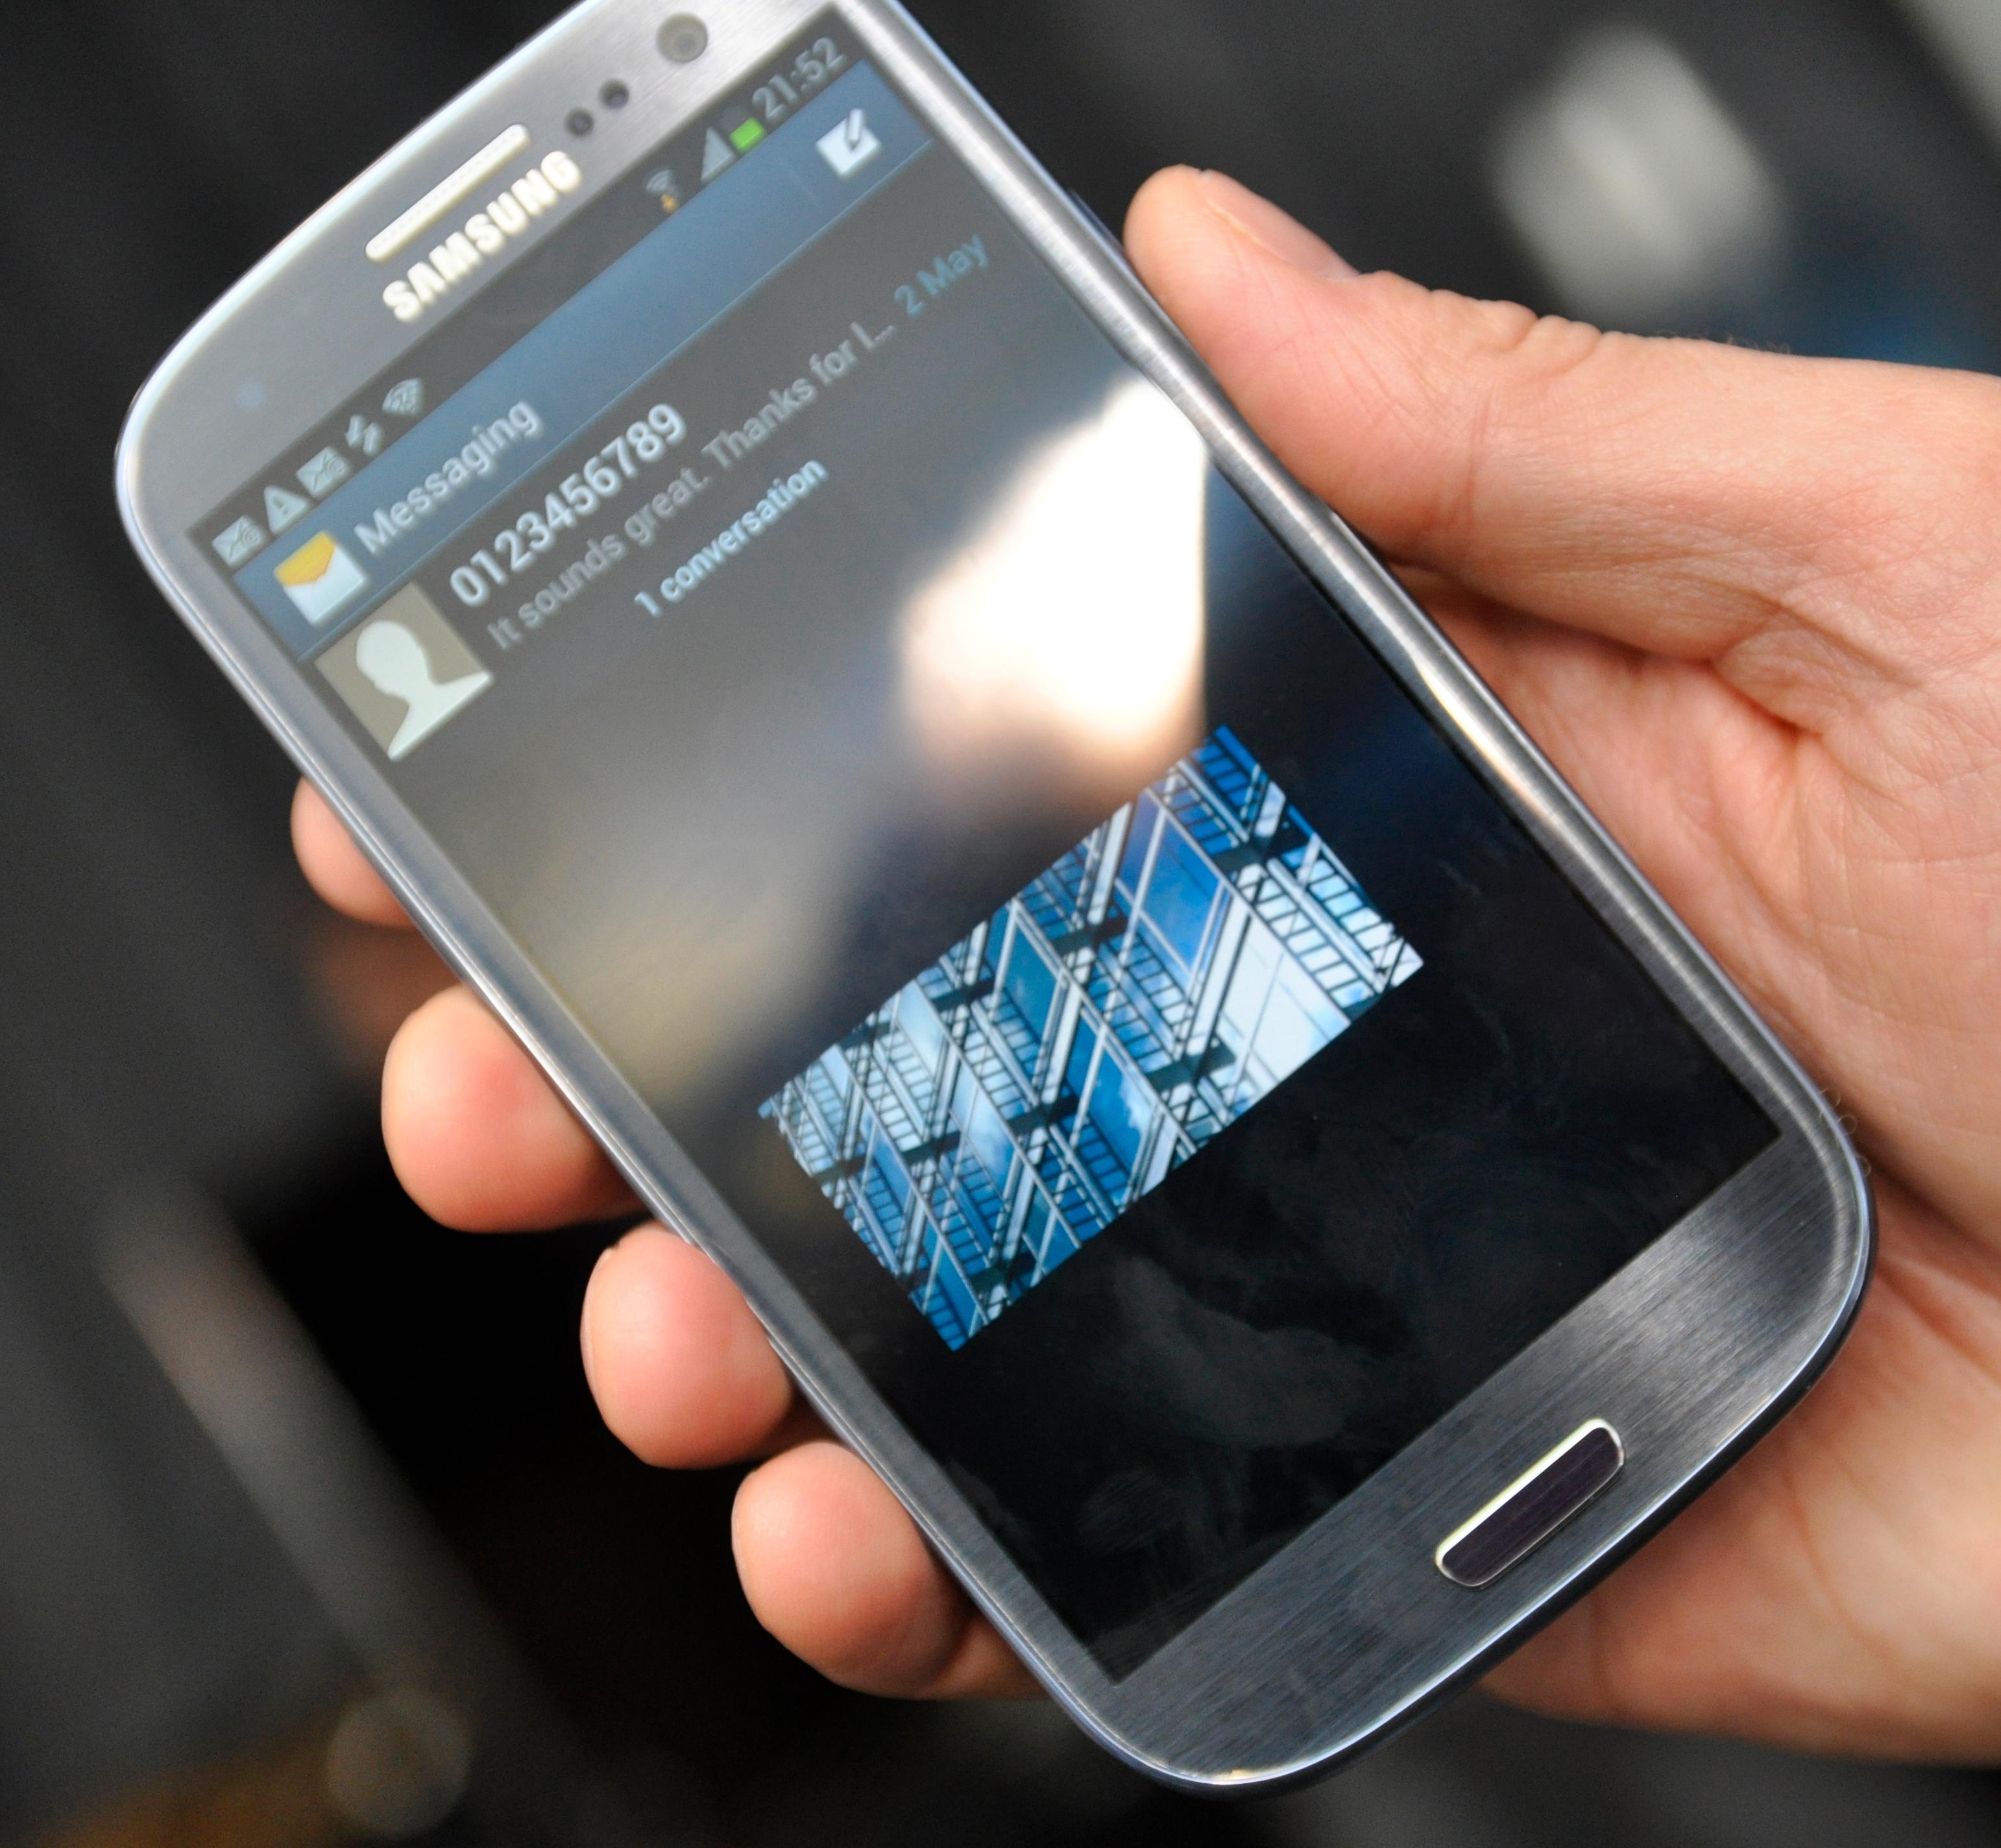 Galaxy S III har bilde i bilde-funksjon, slik at du kan fortsette videoavspilling mens du gjør andre ting. Du kan flytte videoen rundt på skjermen som du vil.